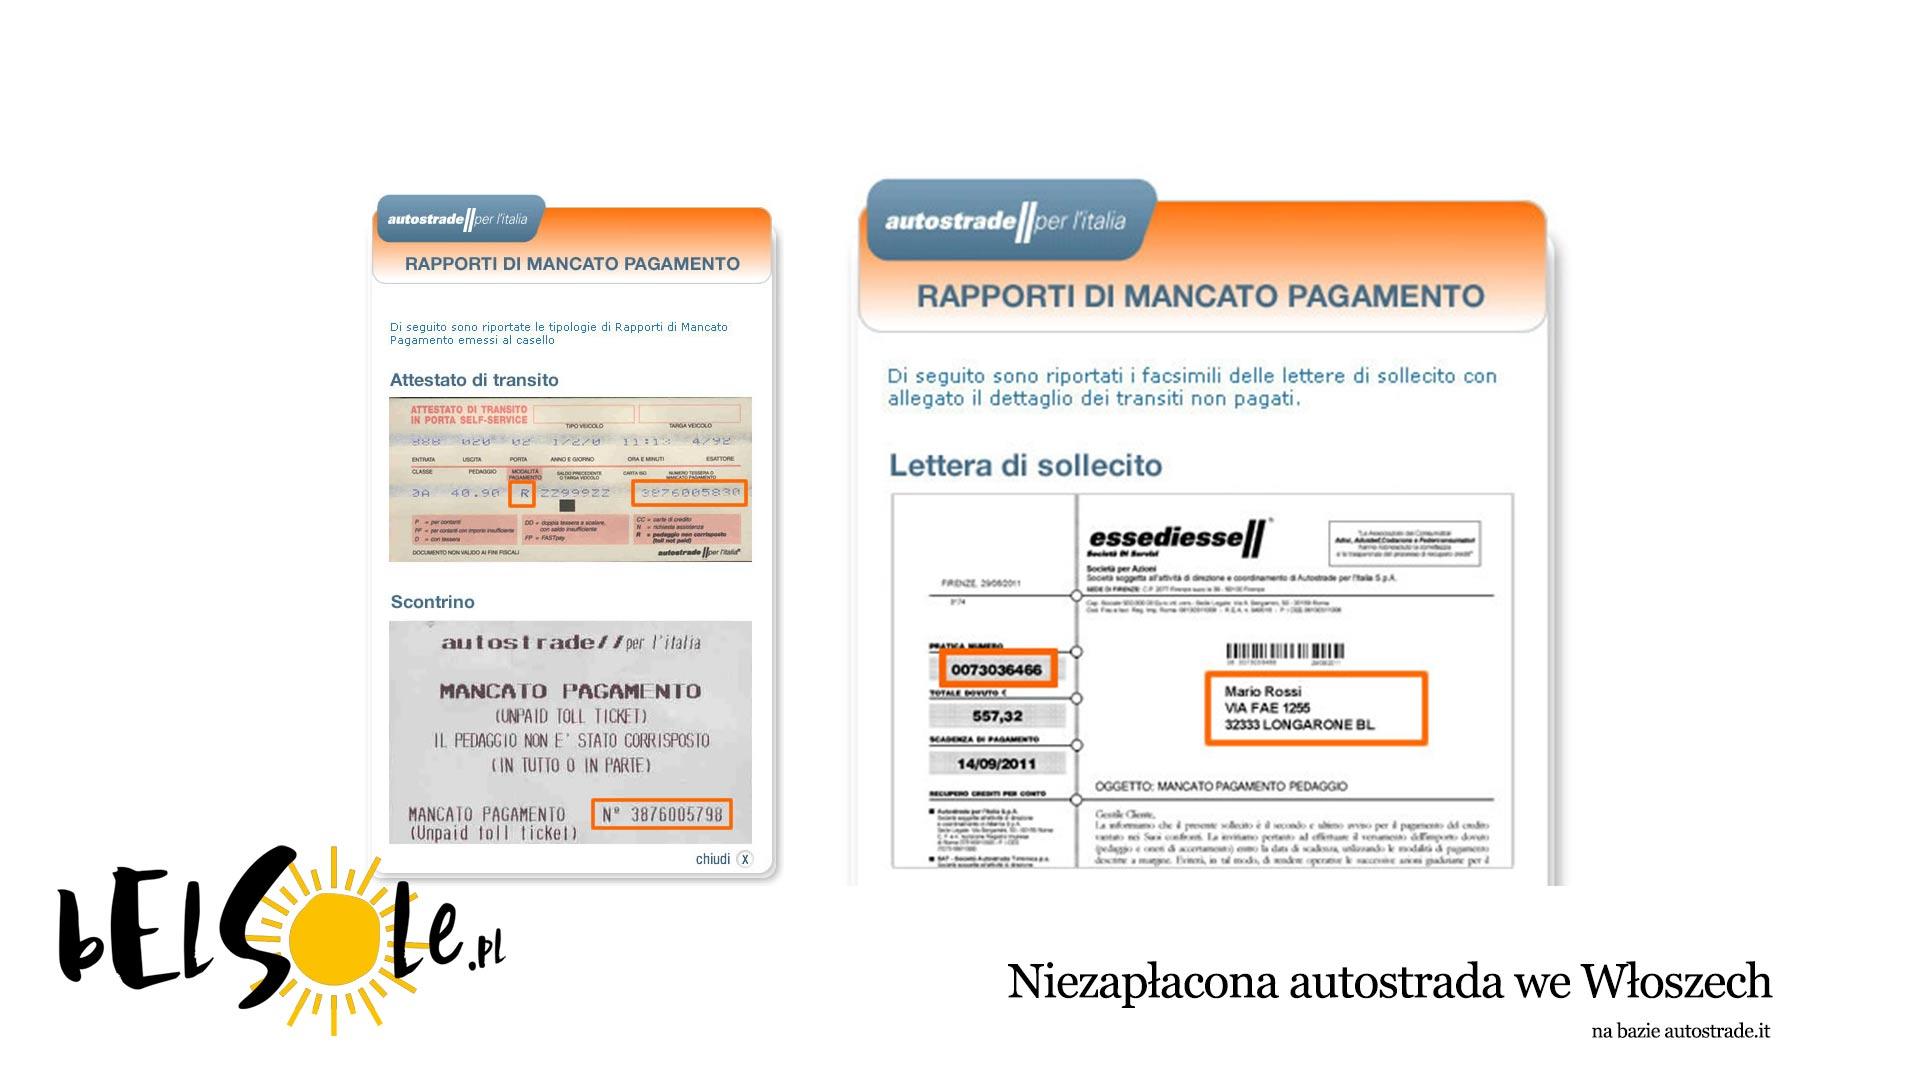 niezapłacona autostrada we Włoszech